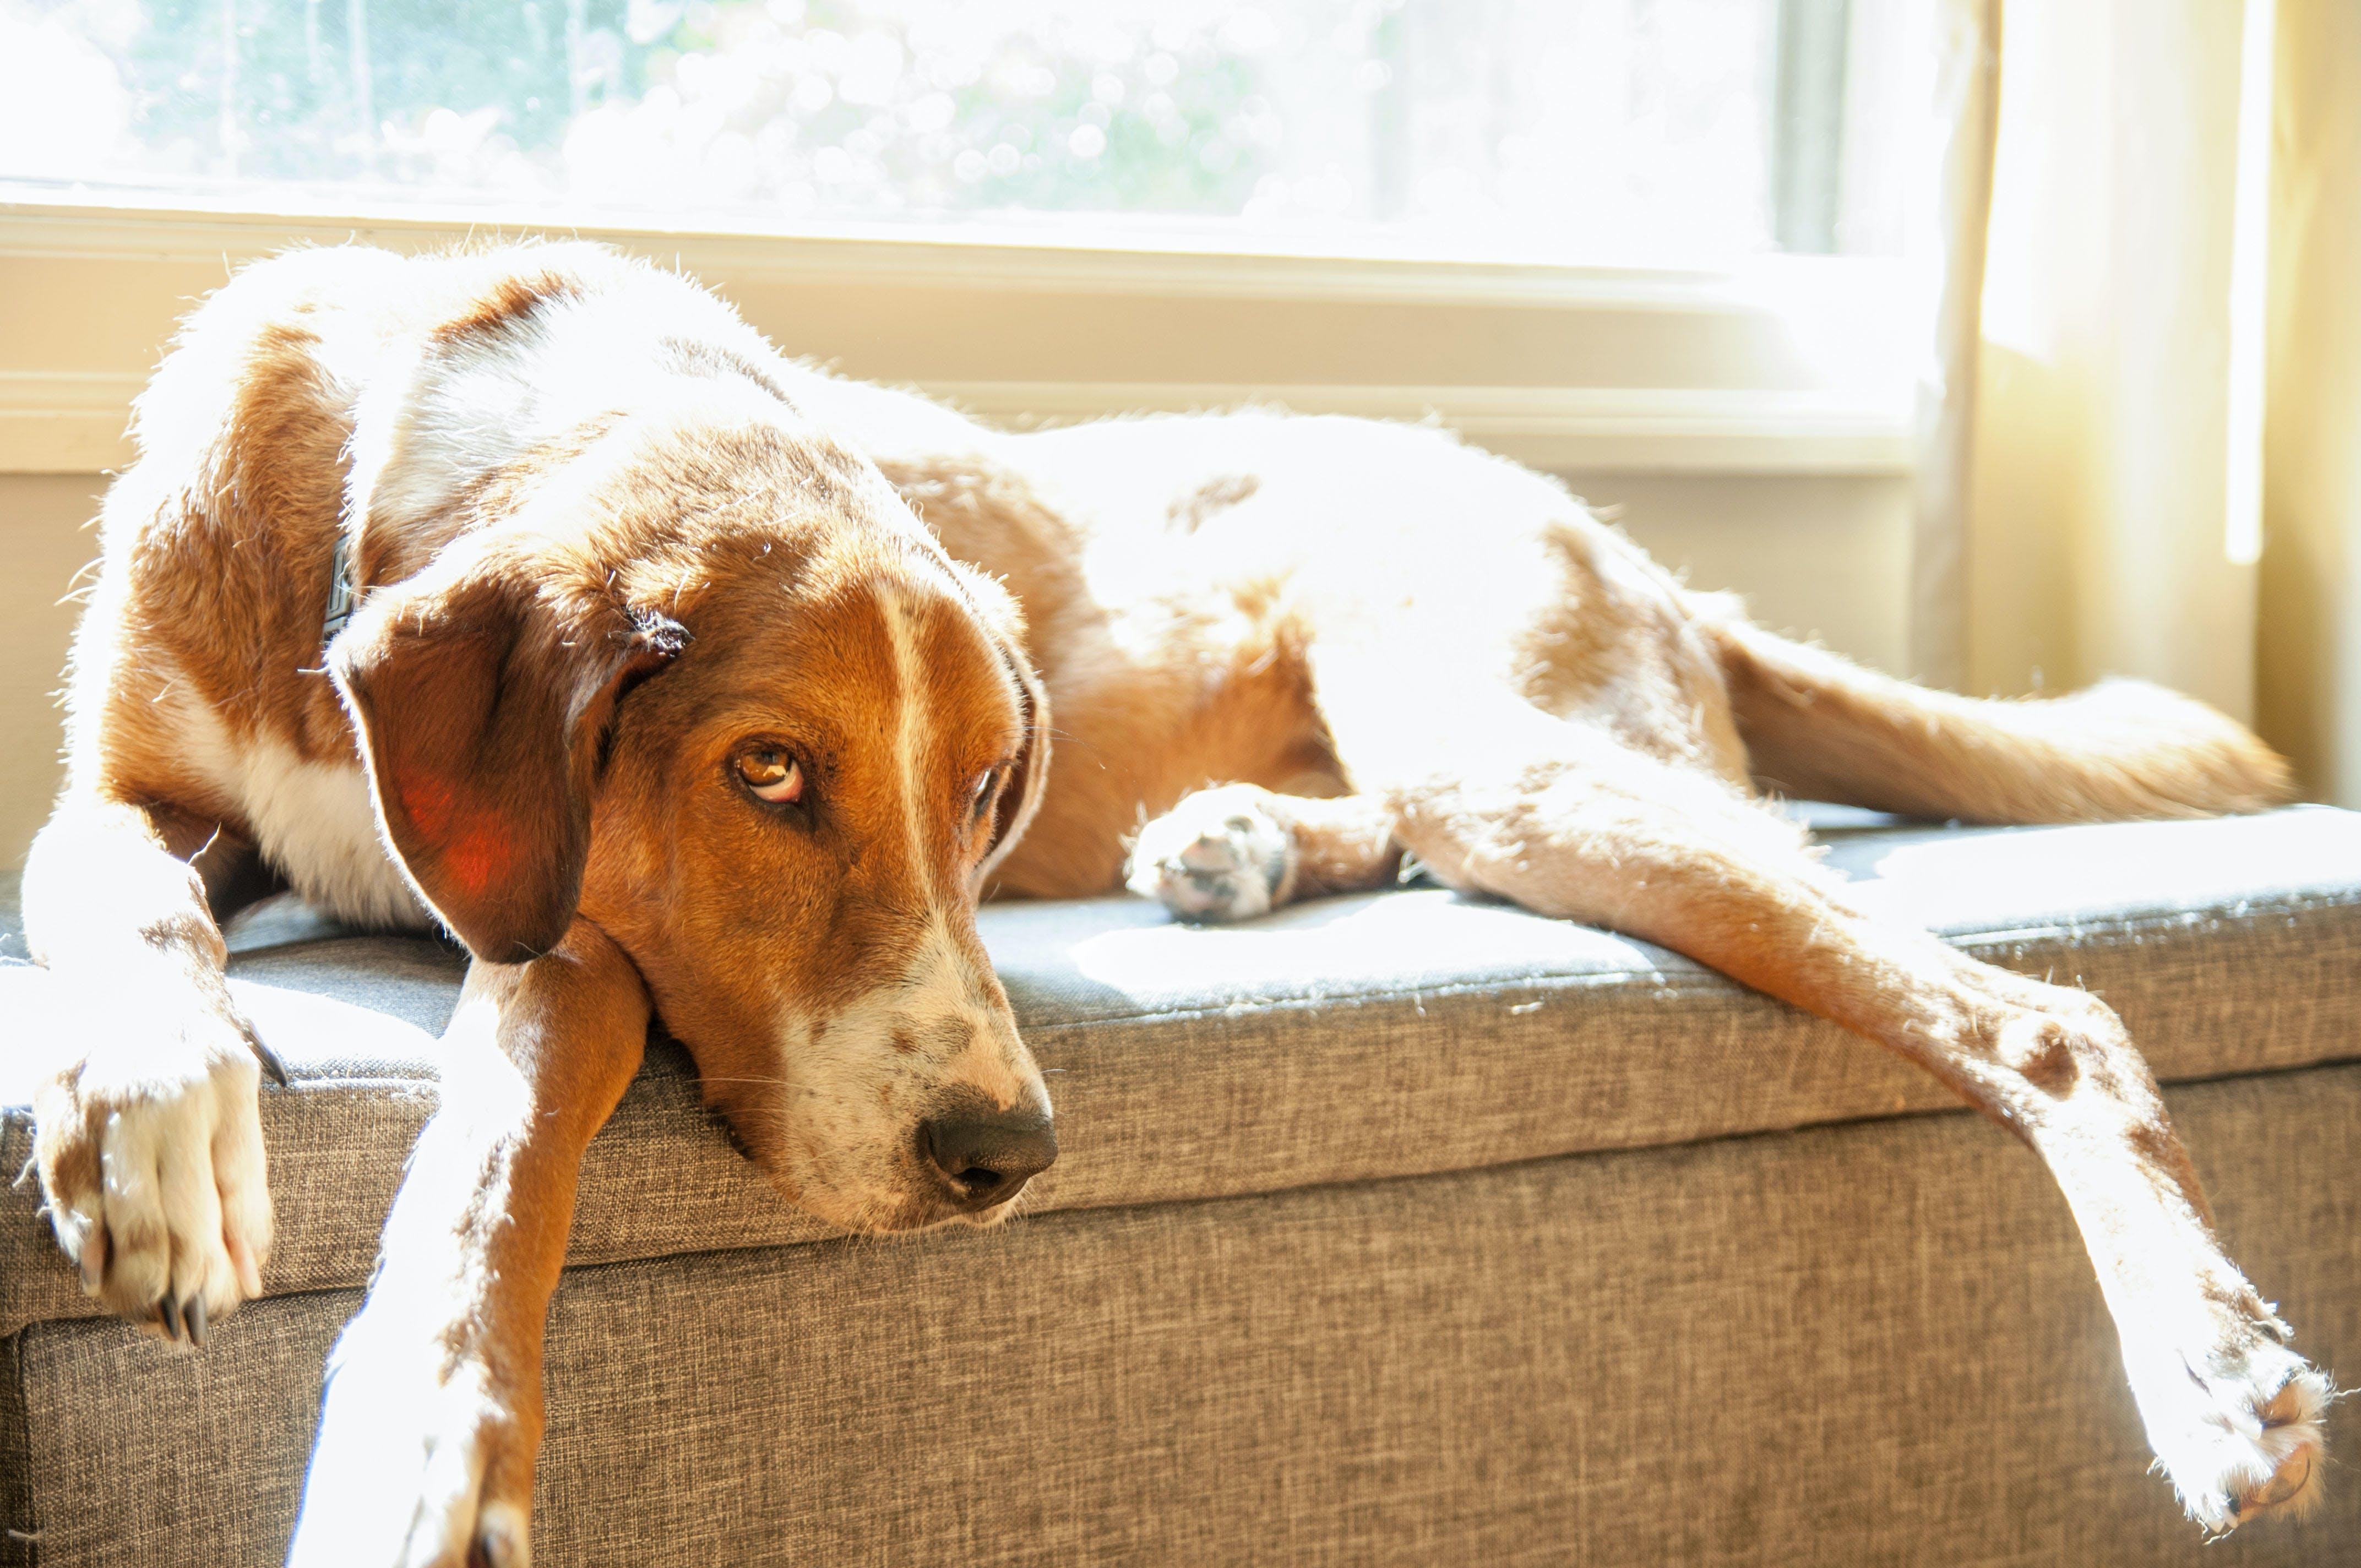 Gratis lagerfoto af dyr, hund, husdyr, kæledyr